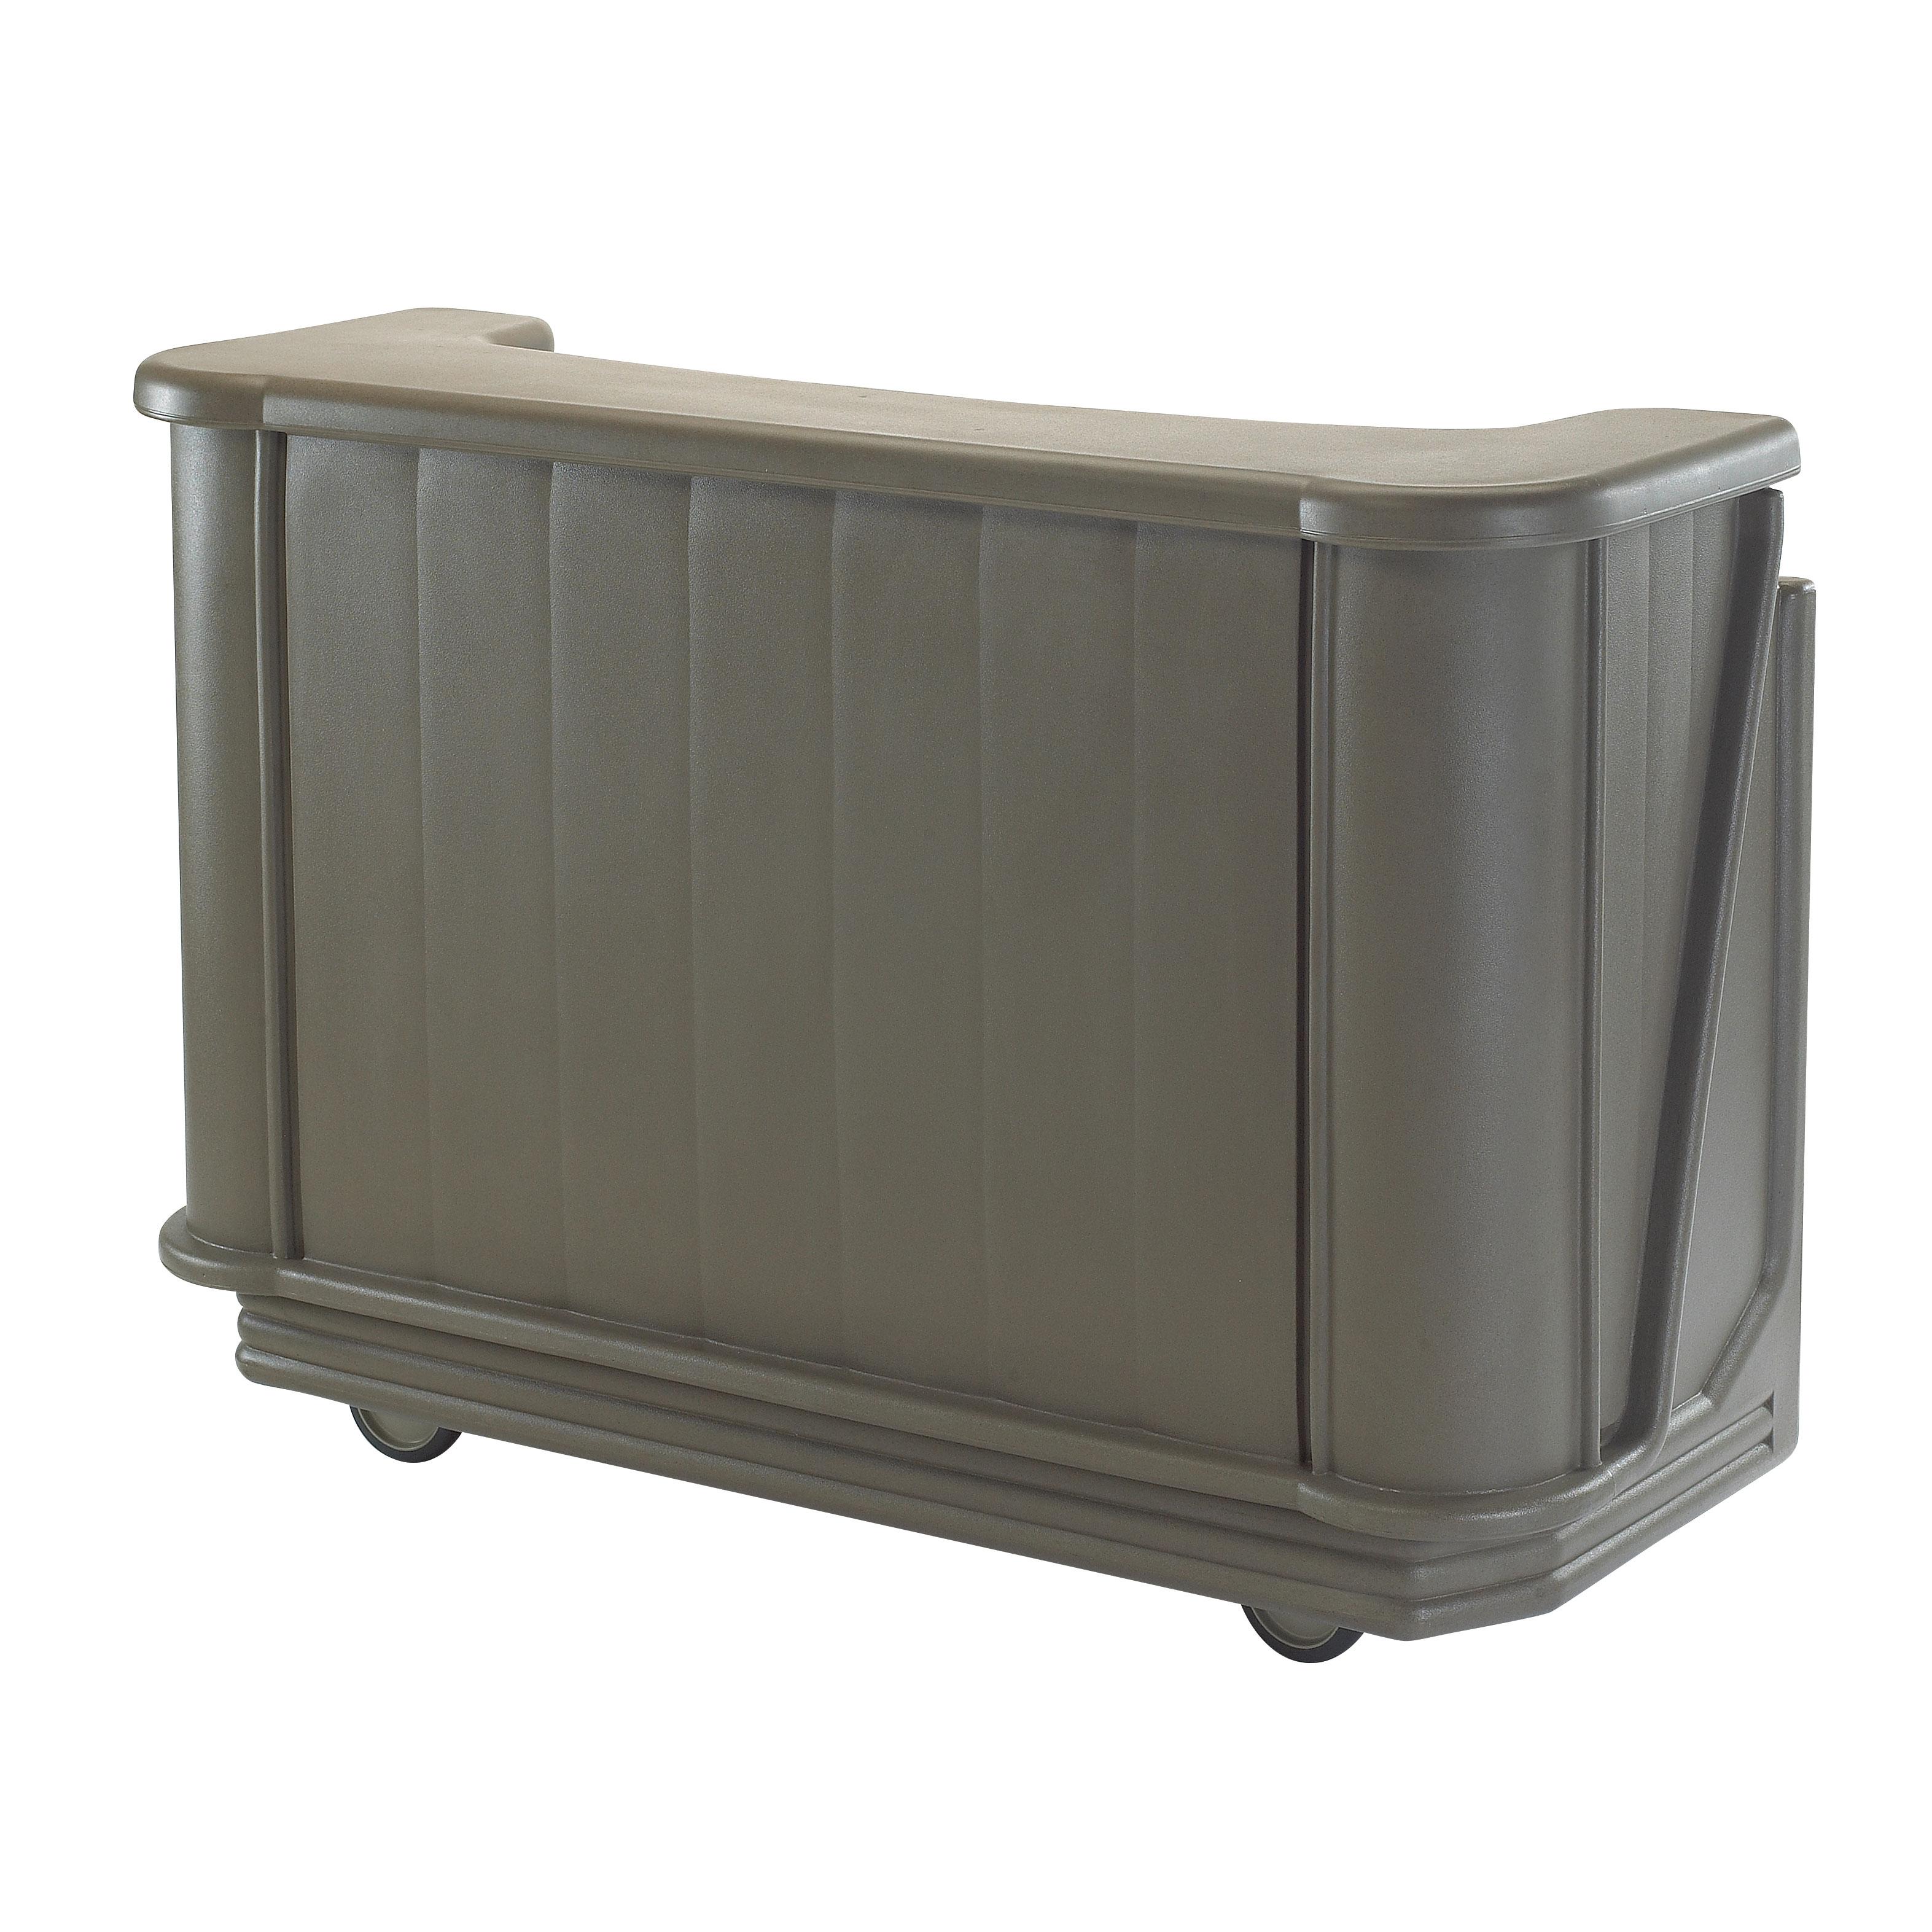 Cambro BAR650194 portable bar